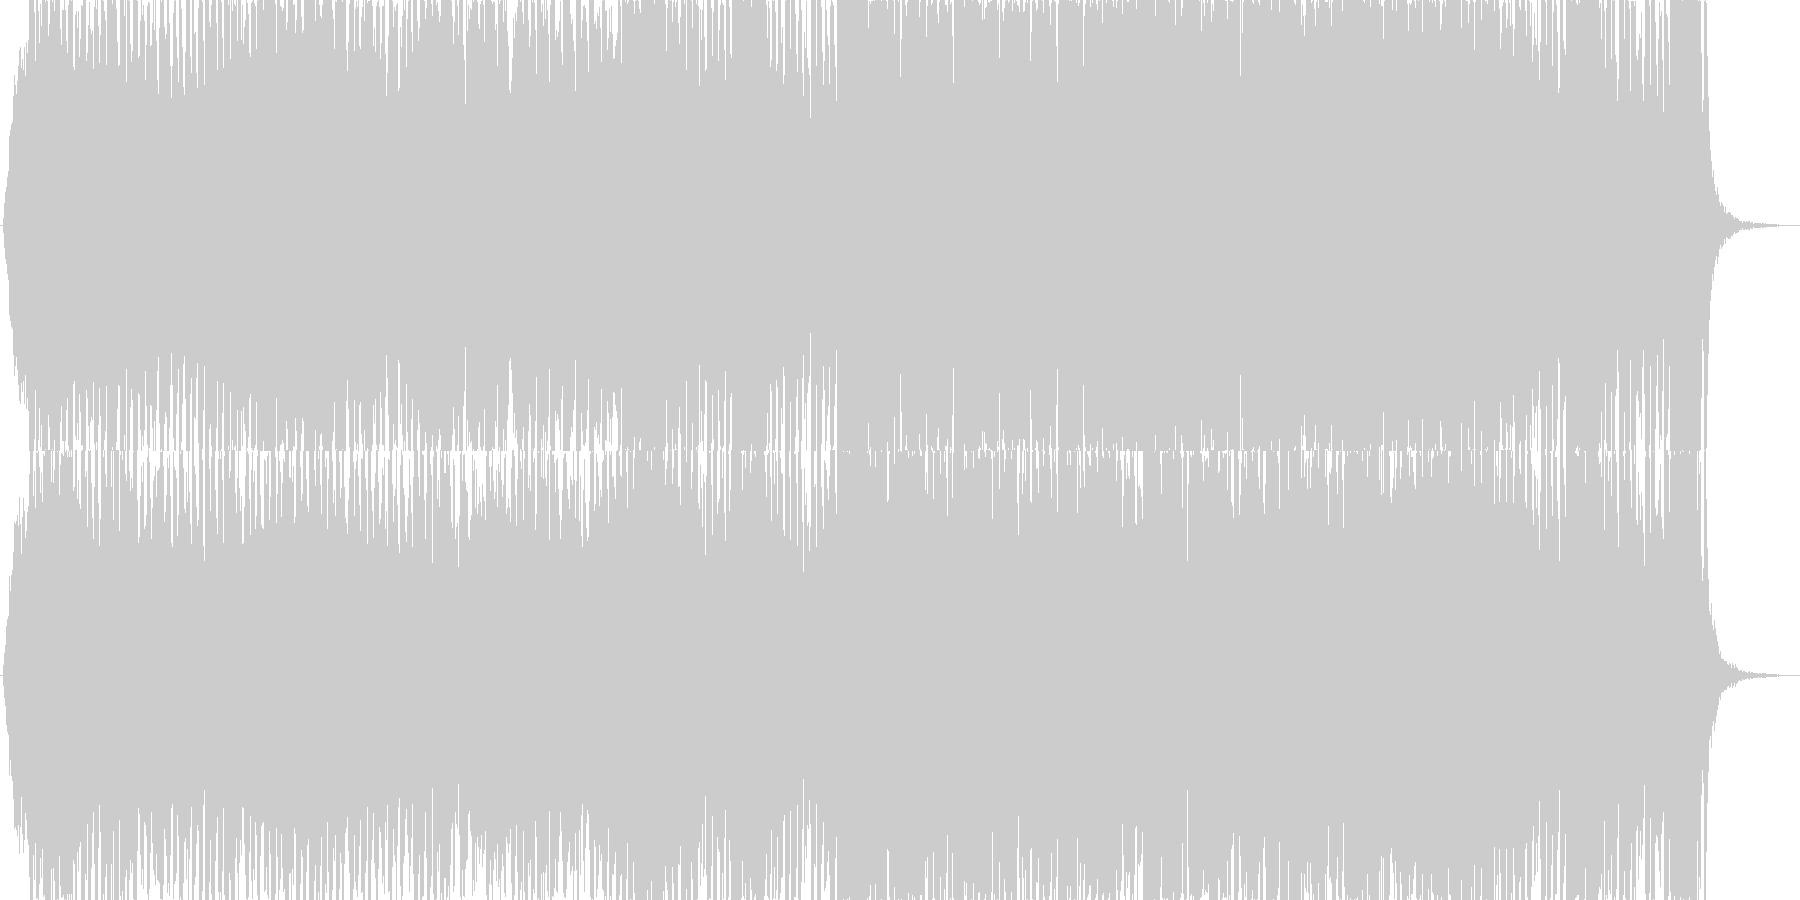 戦闘シーンや盛り上がるシーンに使える曲の未再生の波形